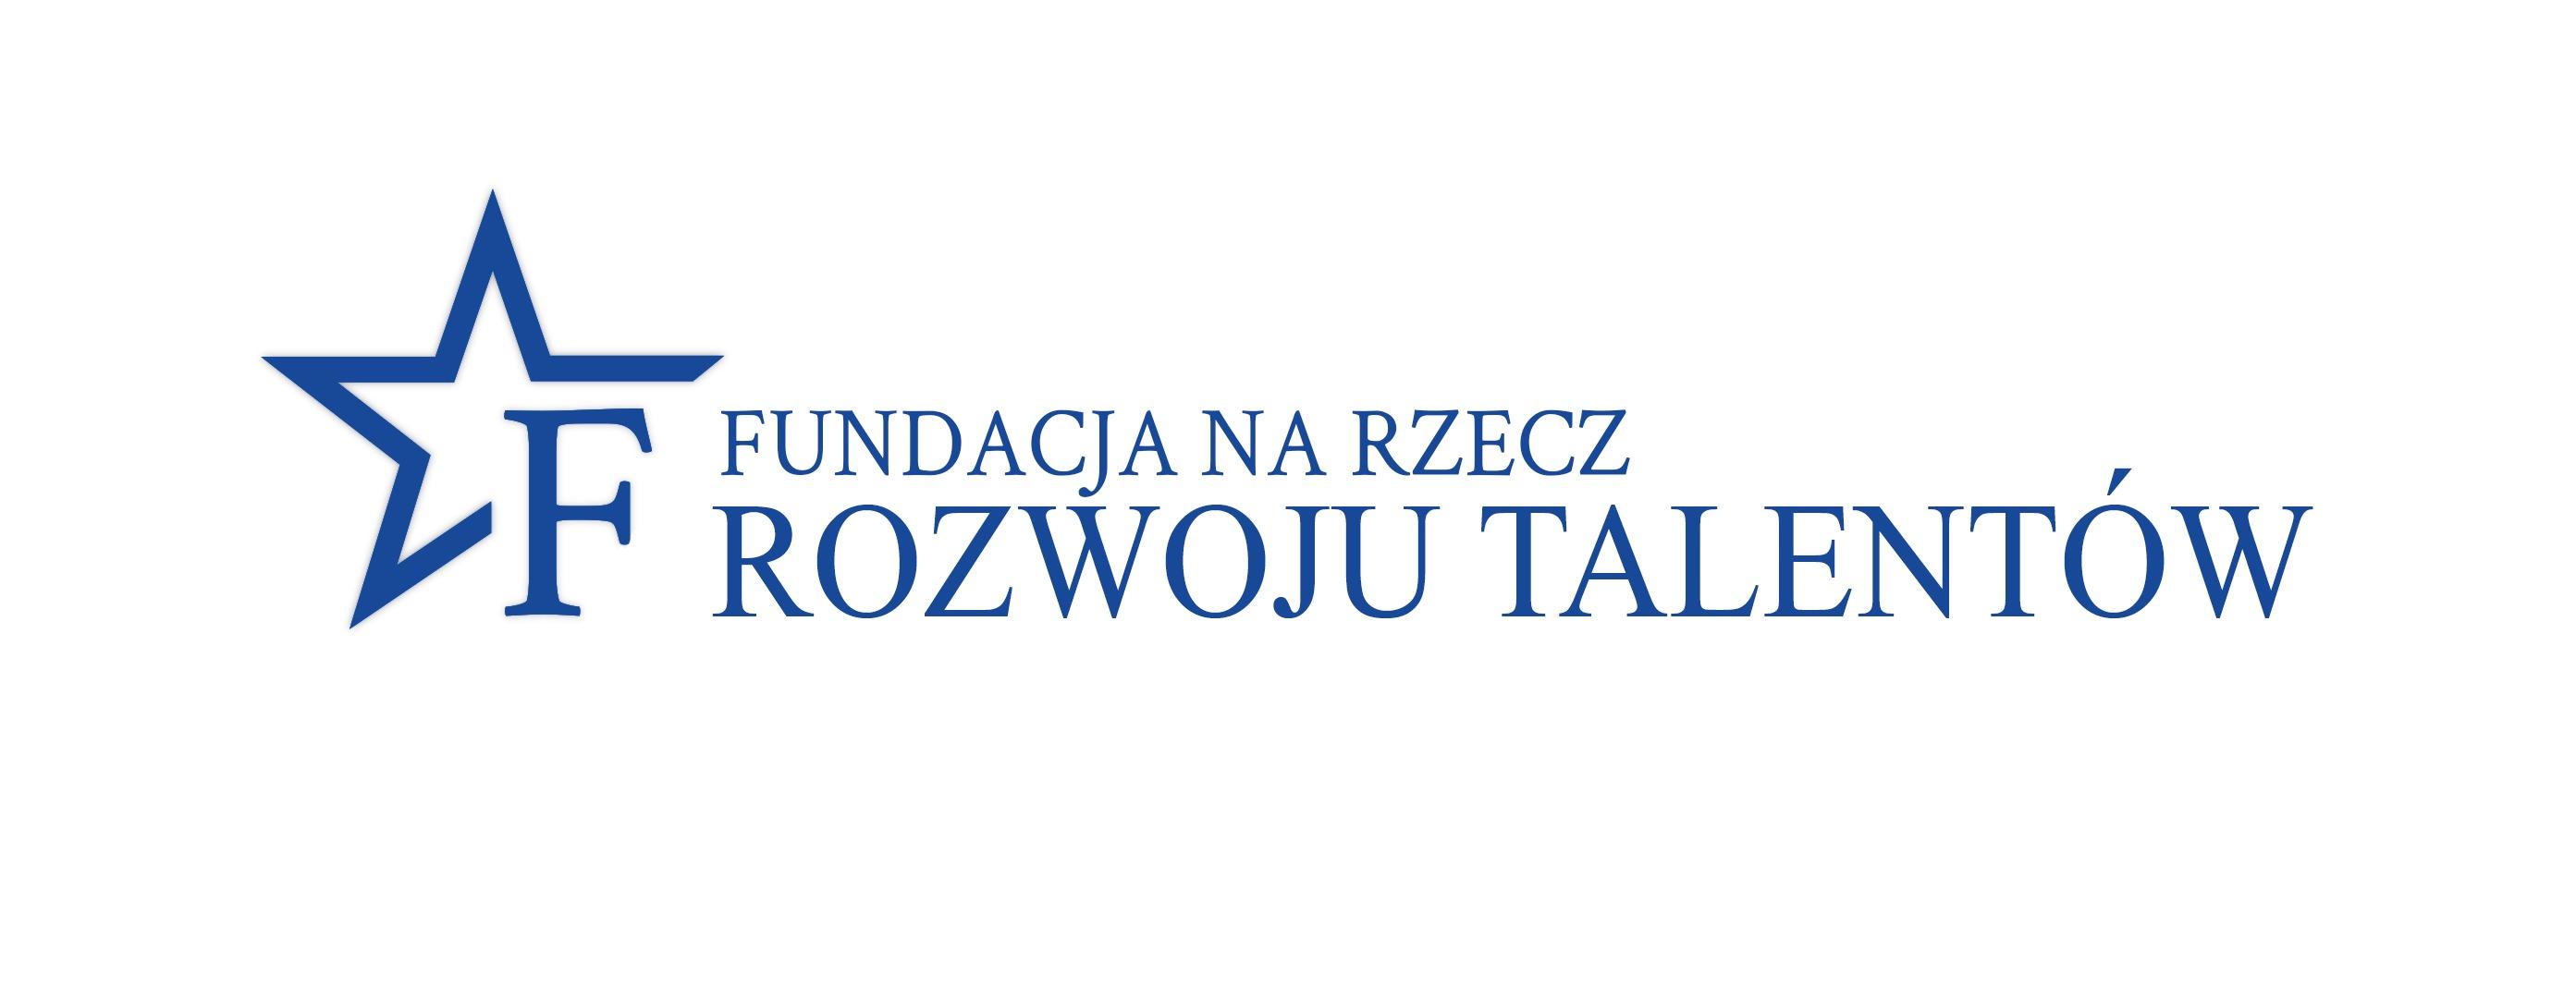 Fundacja na rzecz Rozwoju Talentów